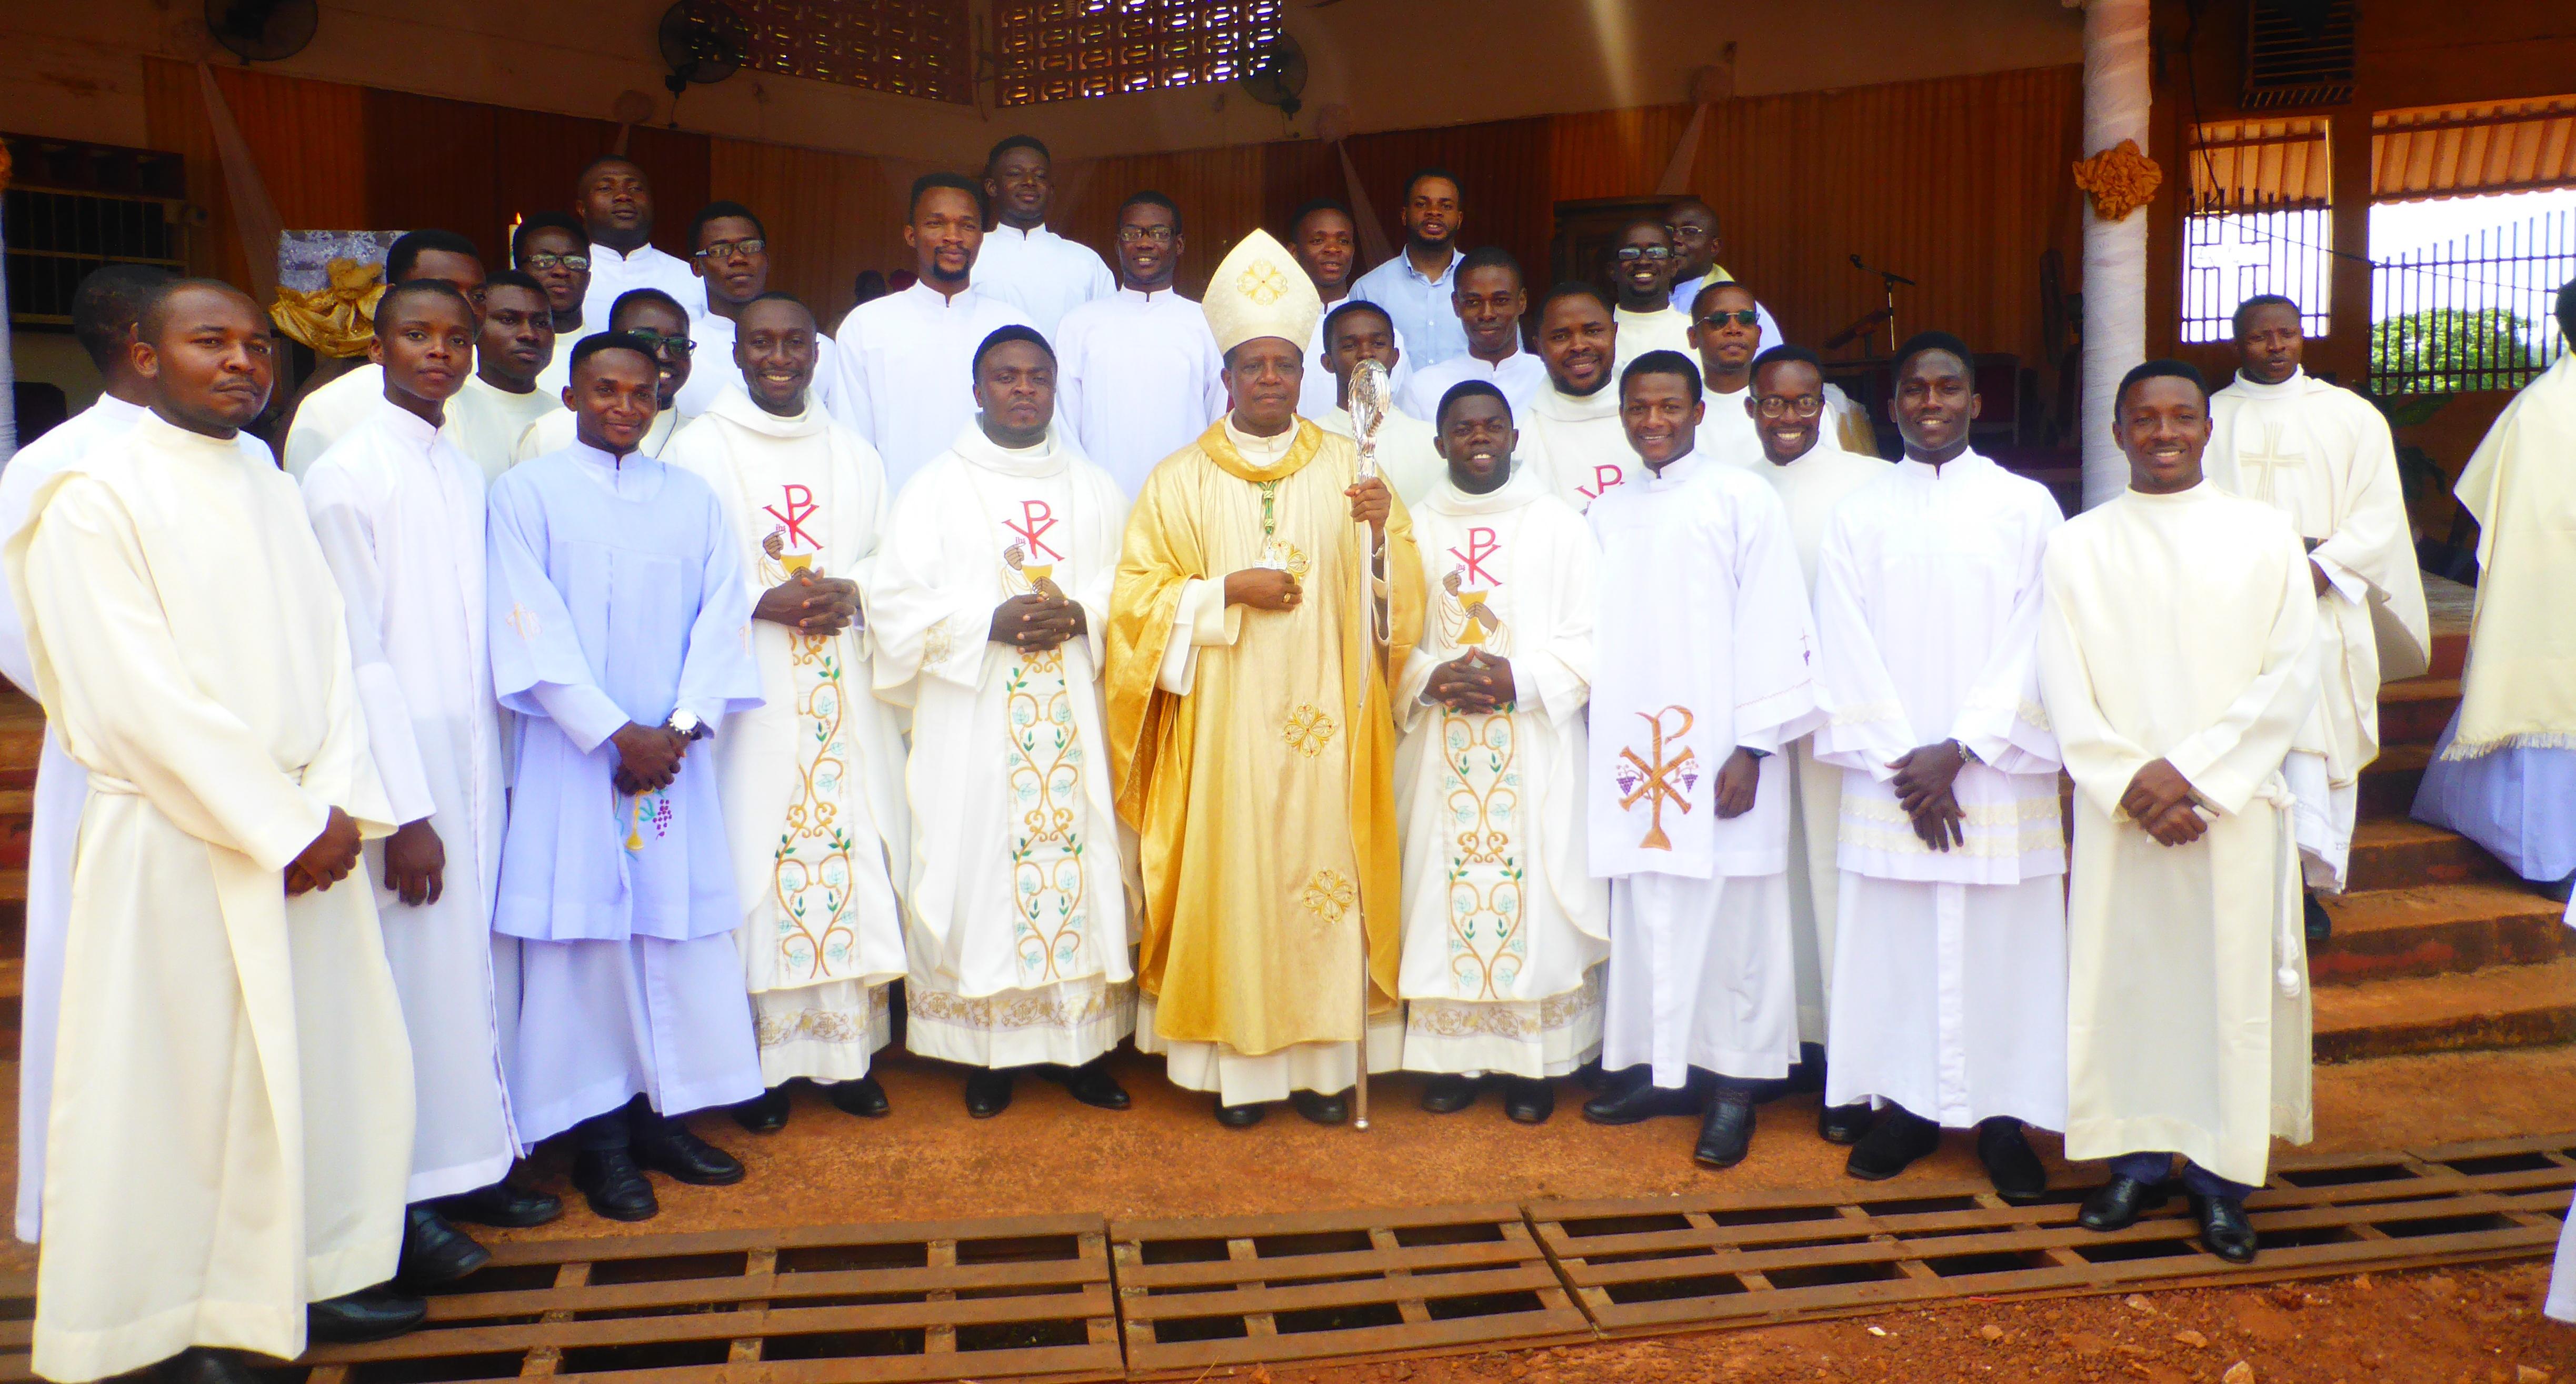 Nigeria priests